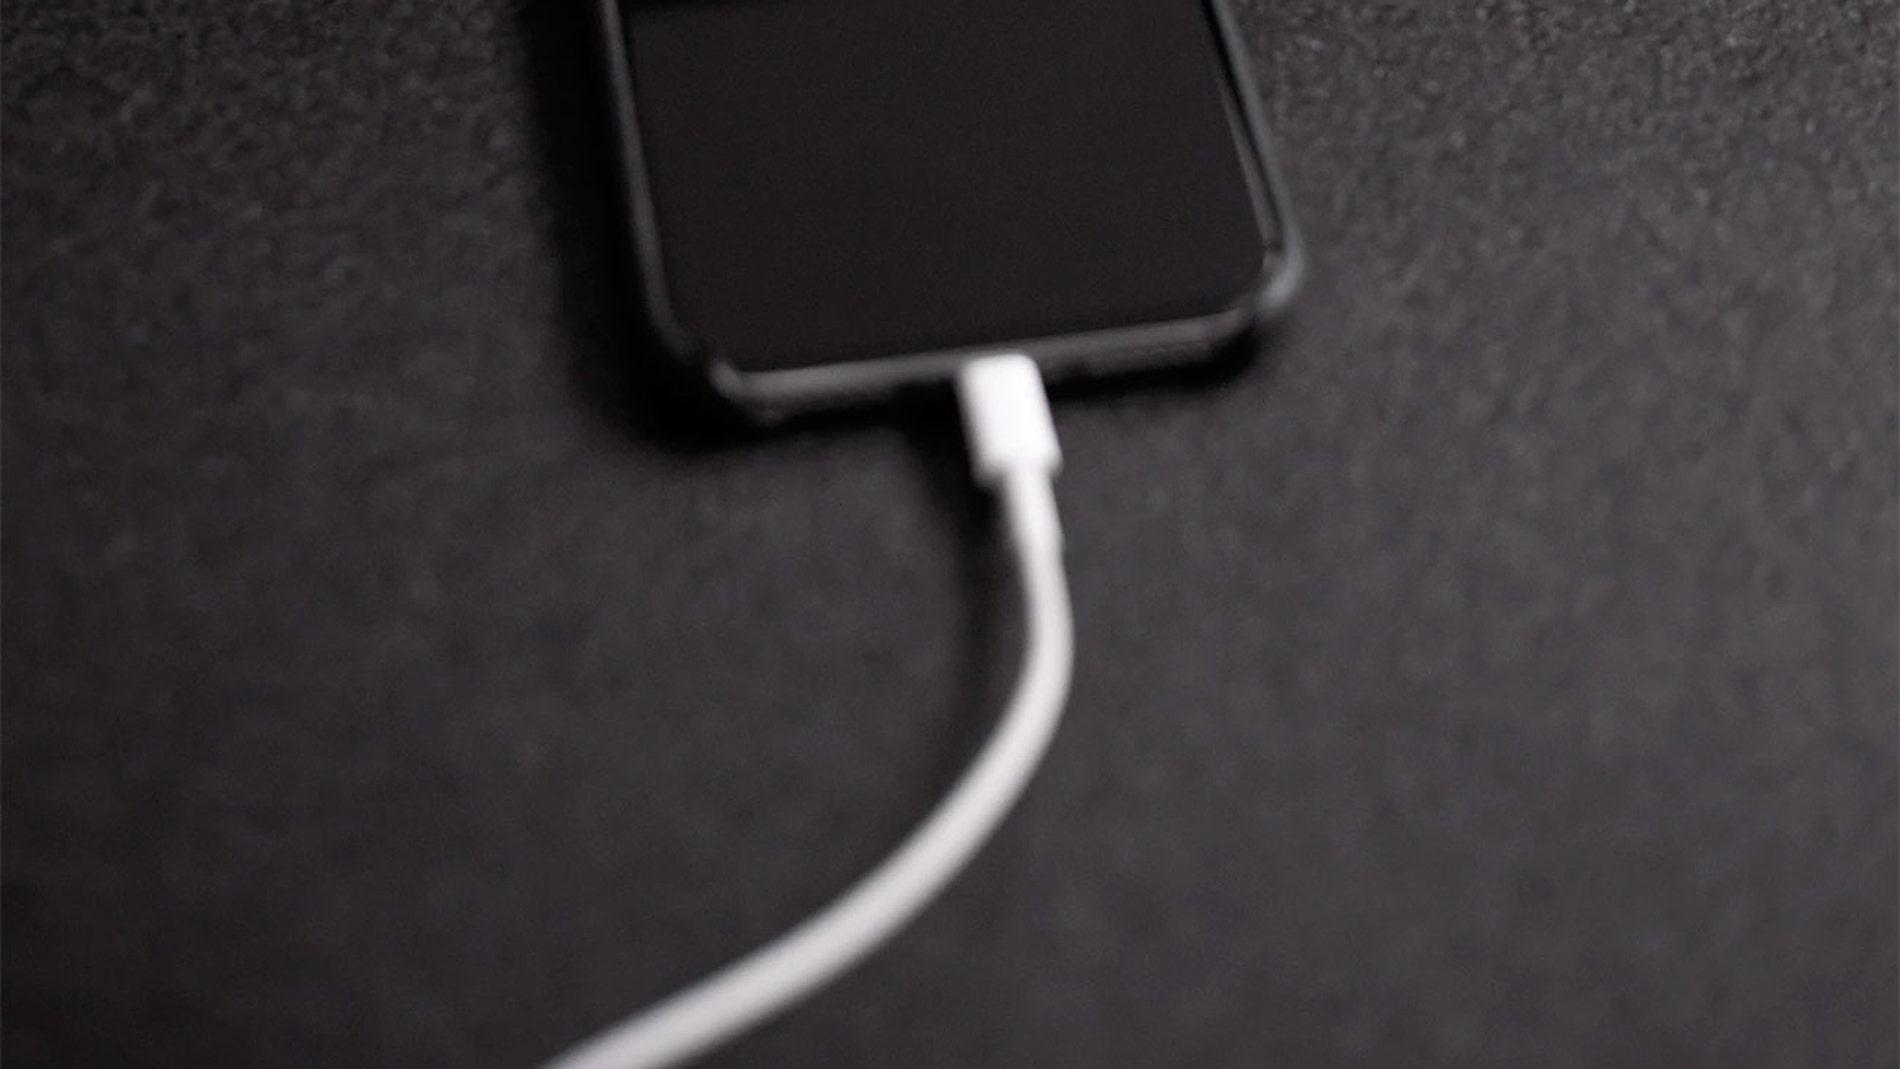 Un móvil cargando